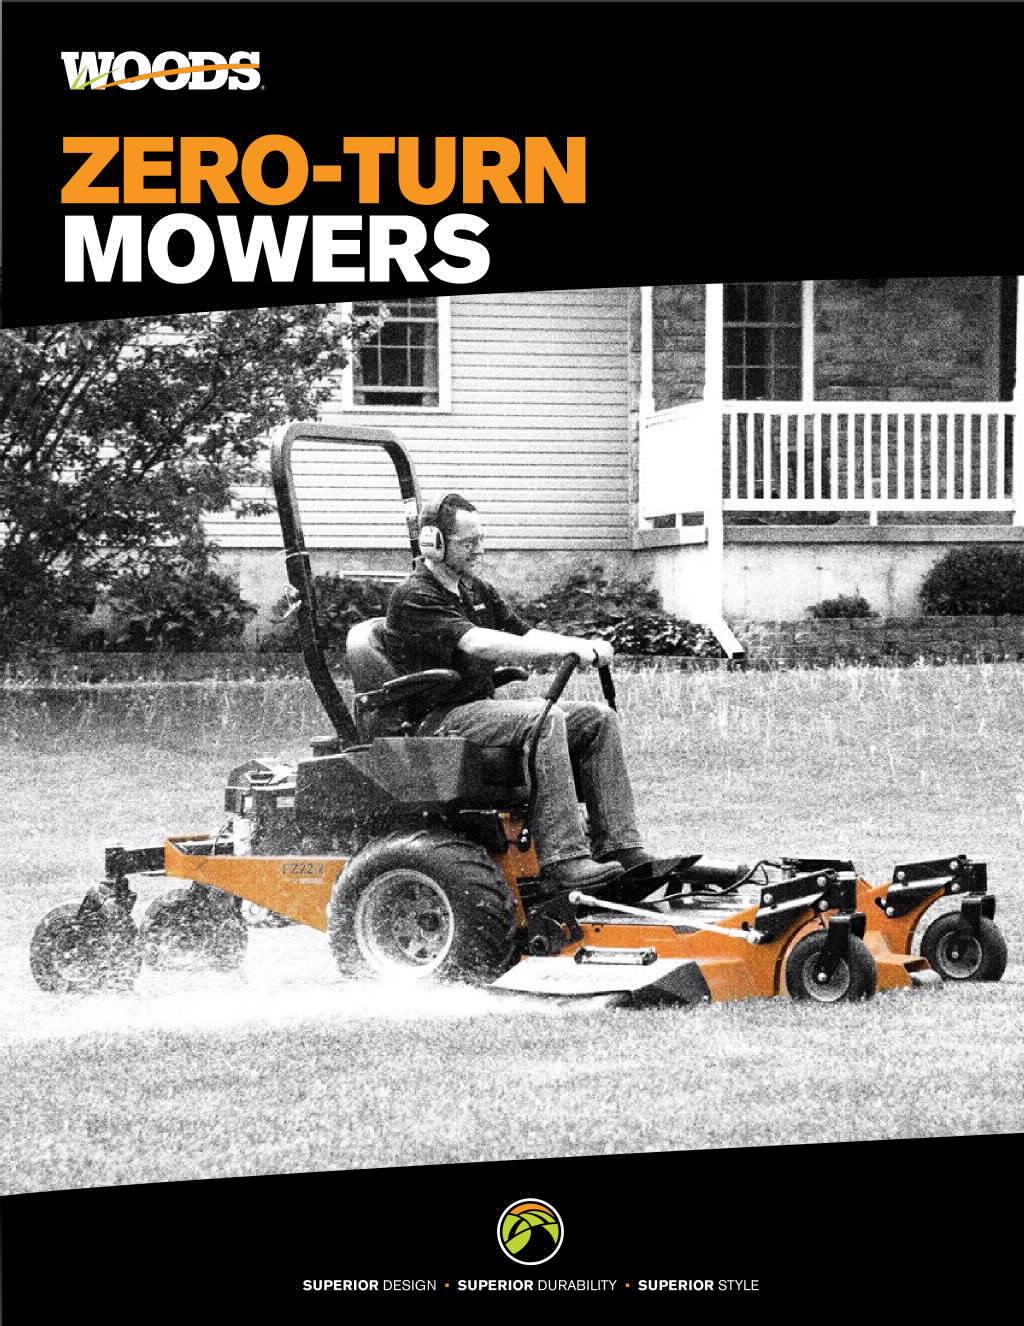 Zero-turn Mowers Brochure